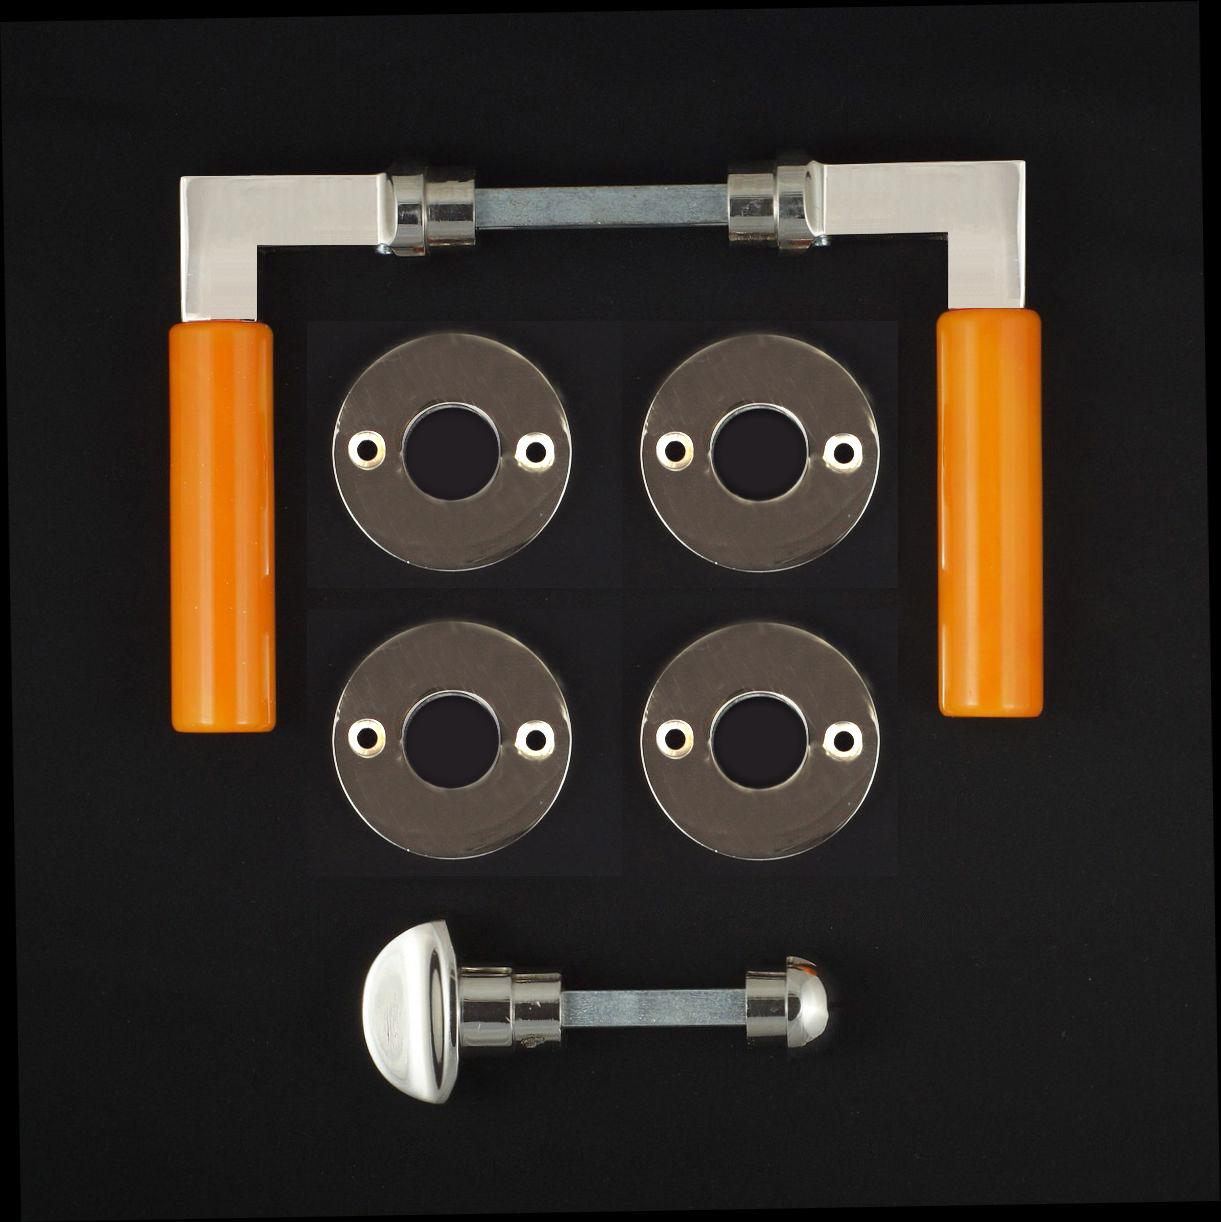 WC-Zimmertür Rosettengarnitur - antike Türdrücker, Türklinken, Türbeschläge